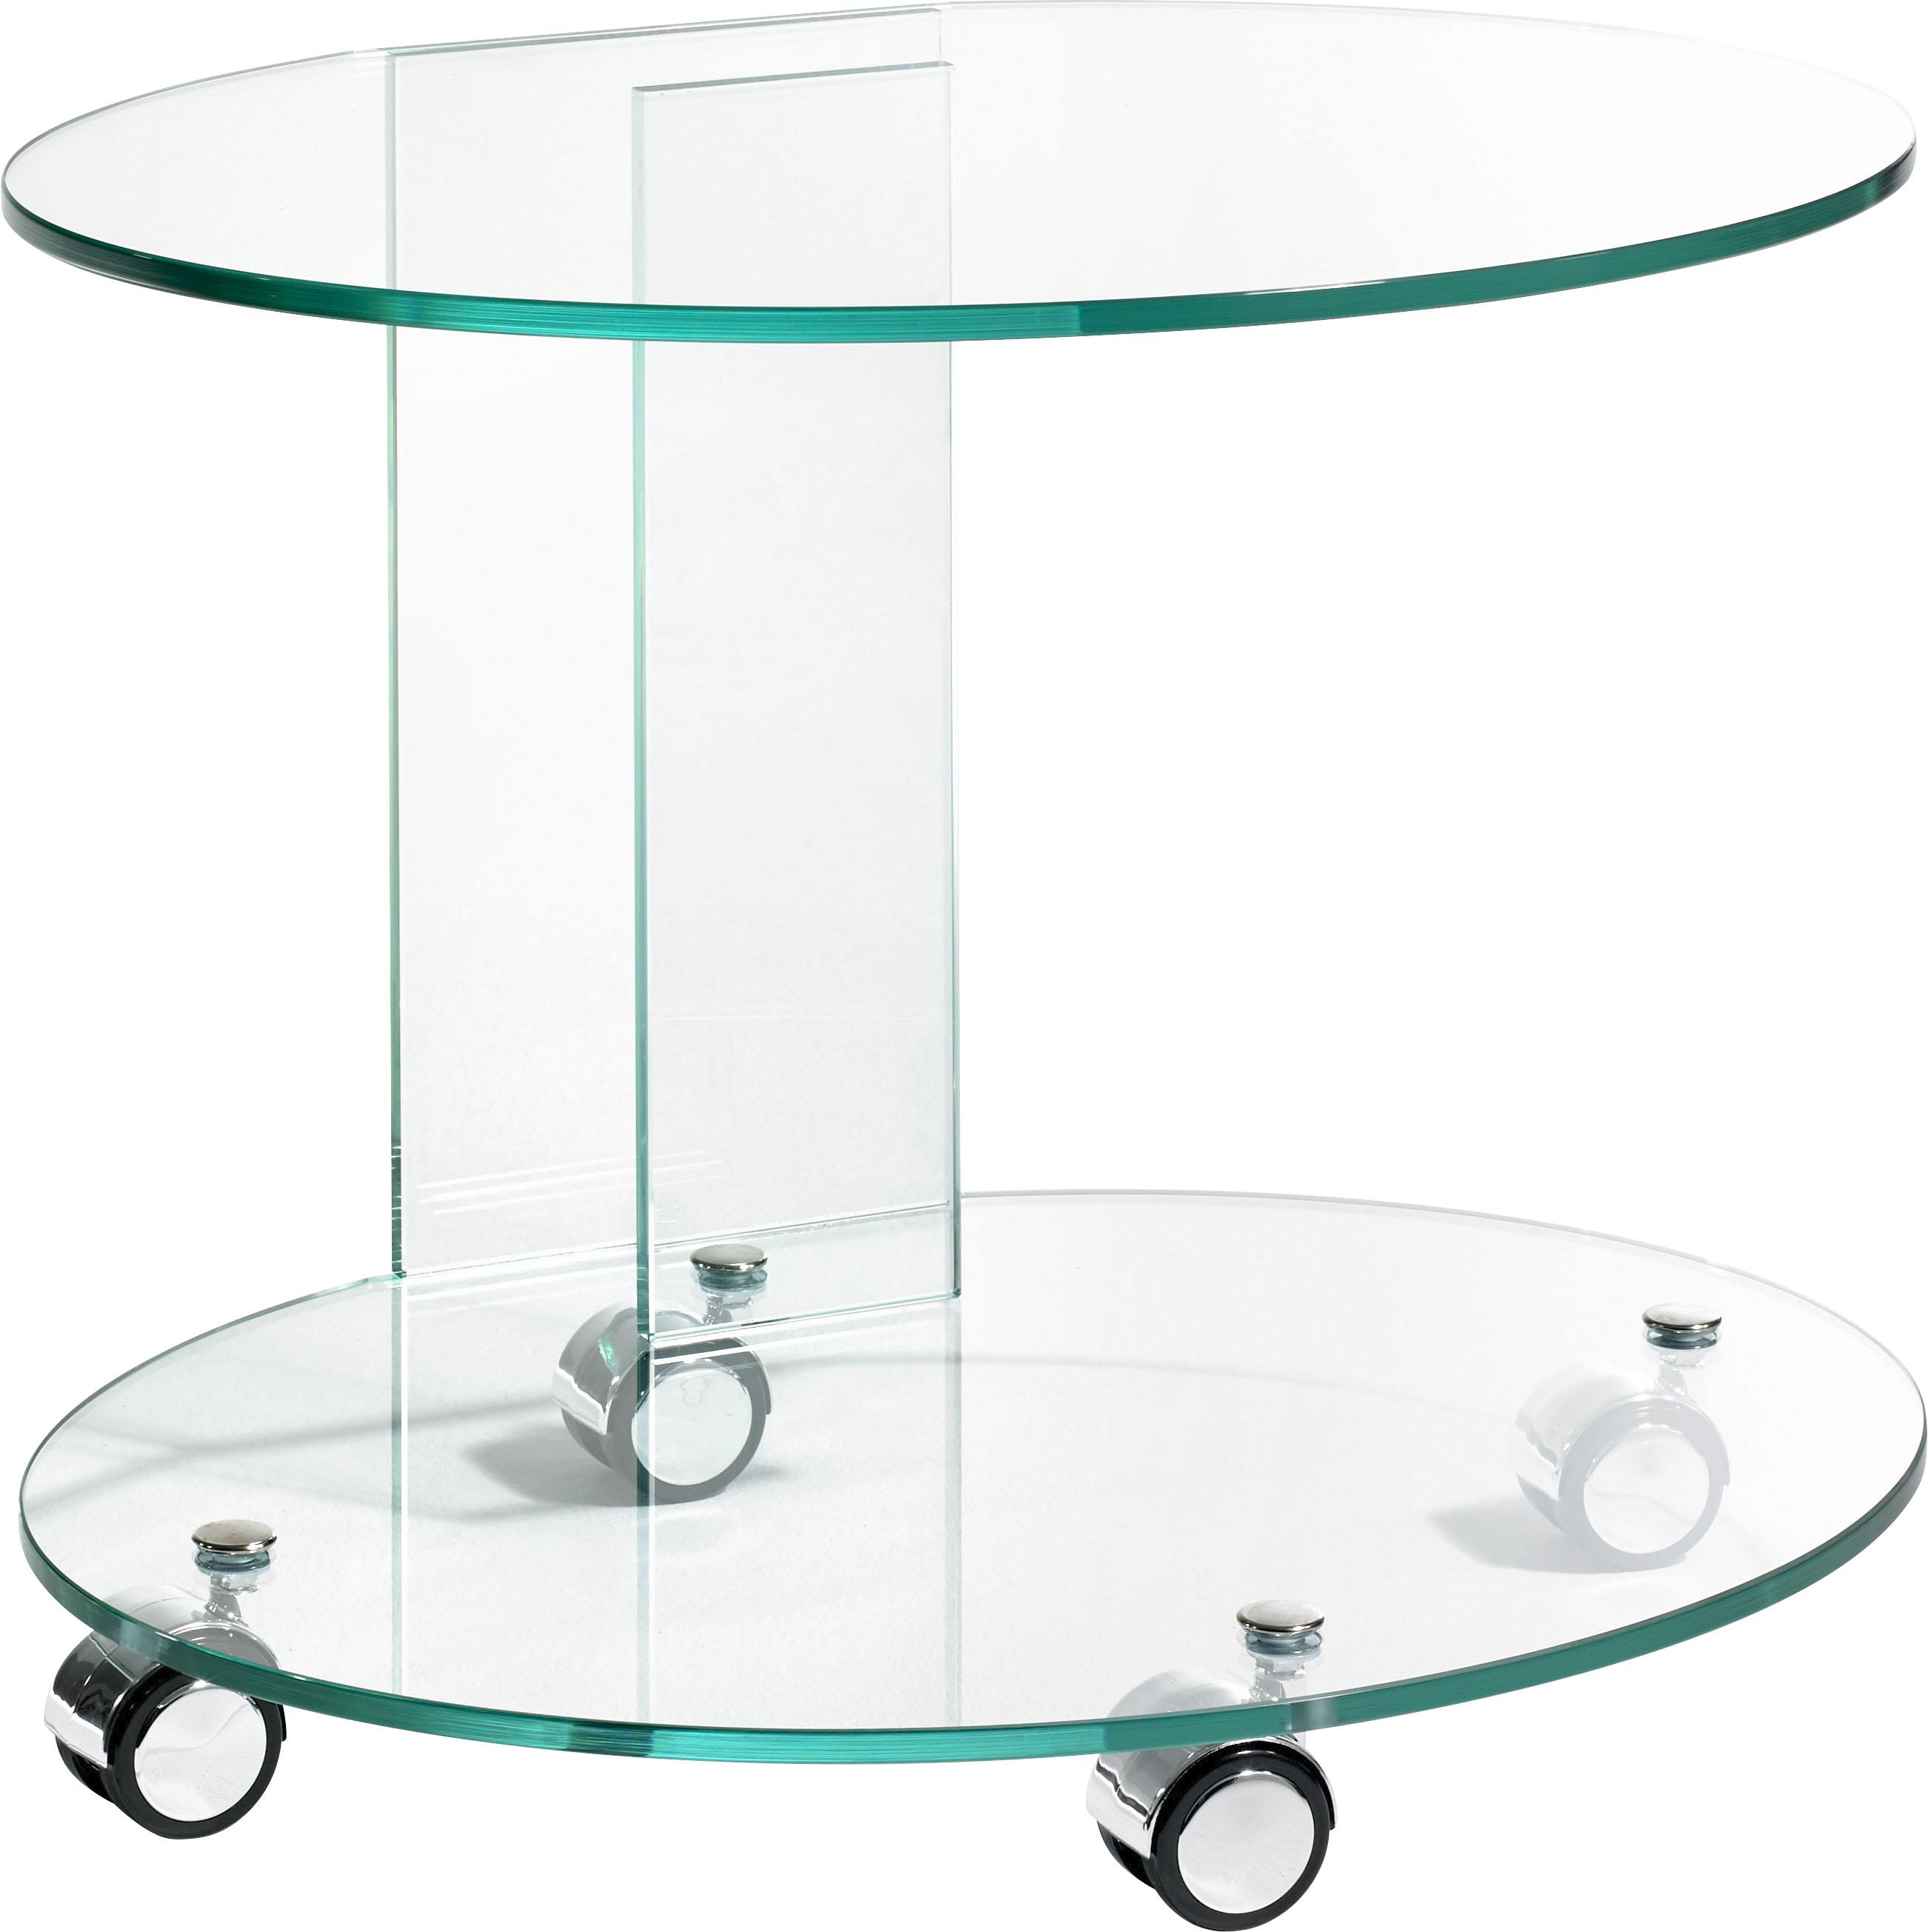 Places of Style Beistelltisch, aus Floatglas, Rollwagen, Küchenwagen farblos Beistelltische Tische Beistelltisch